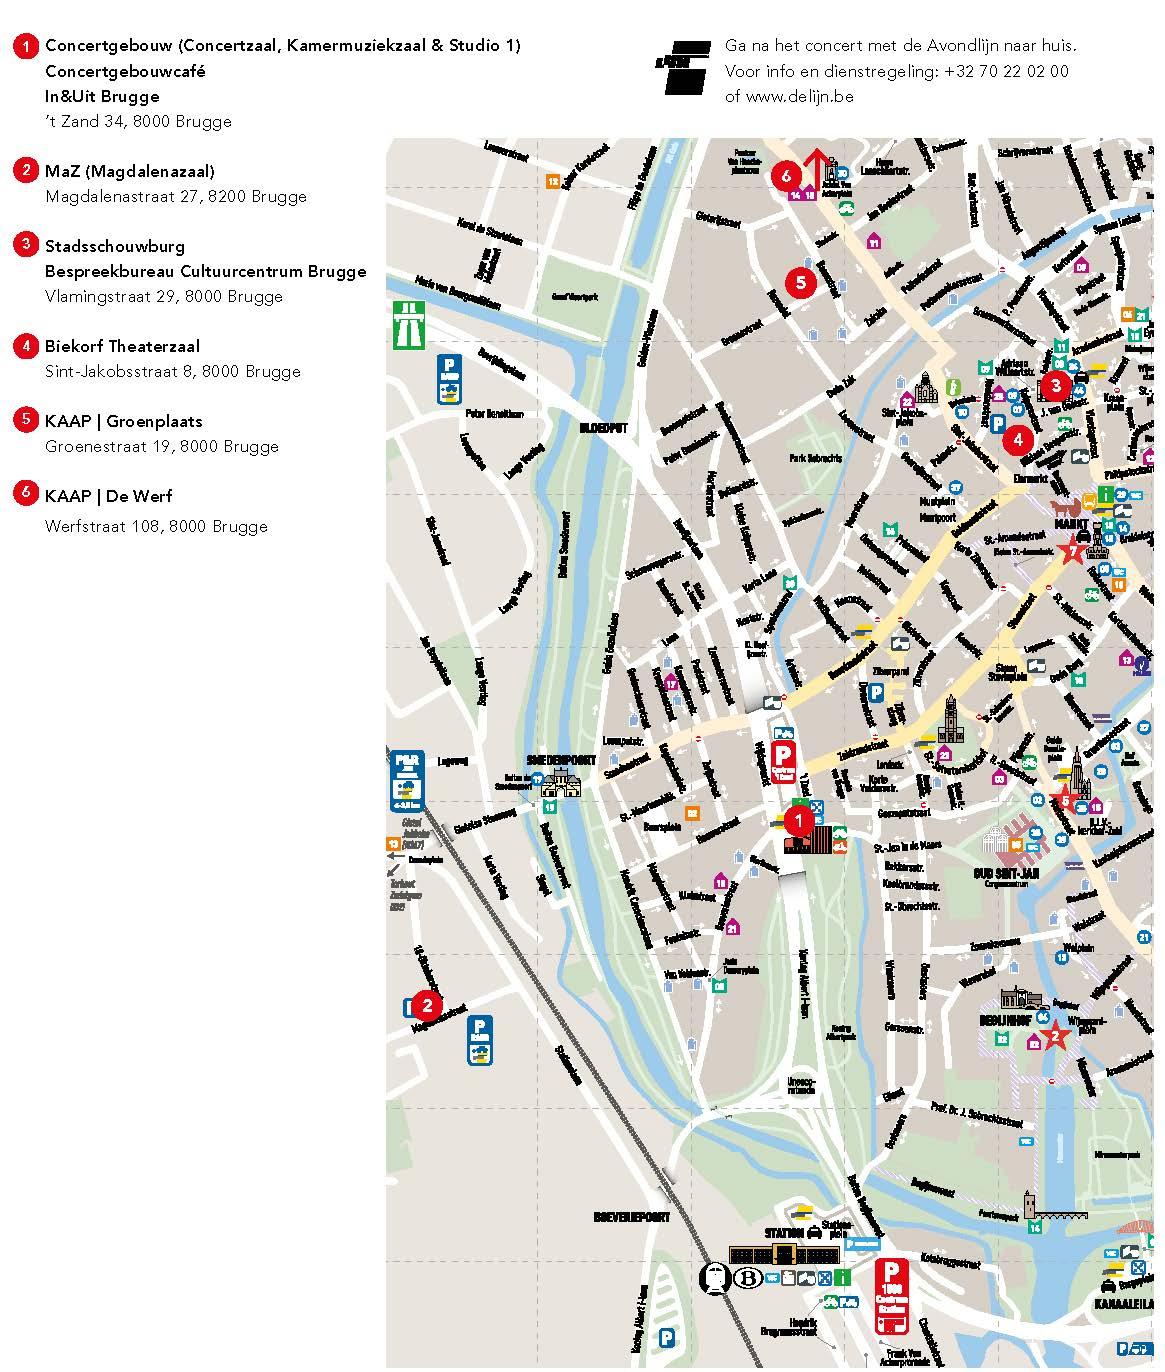 - Download de kaart met alle locaties of bekijk de locaties hieronder afzonderlijk en stippel uw route uit via Google Maps.